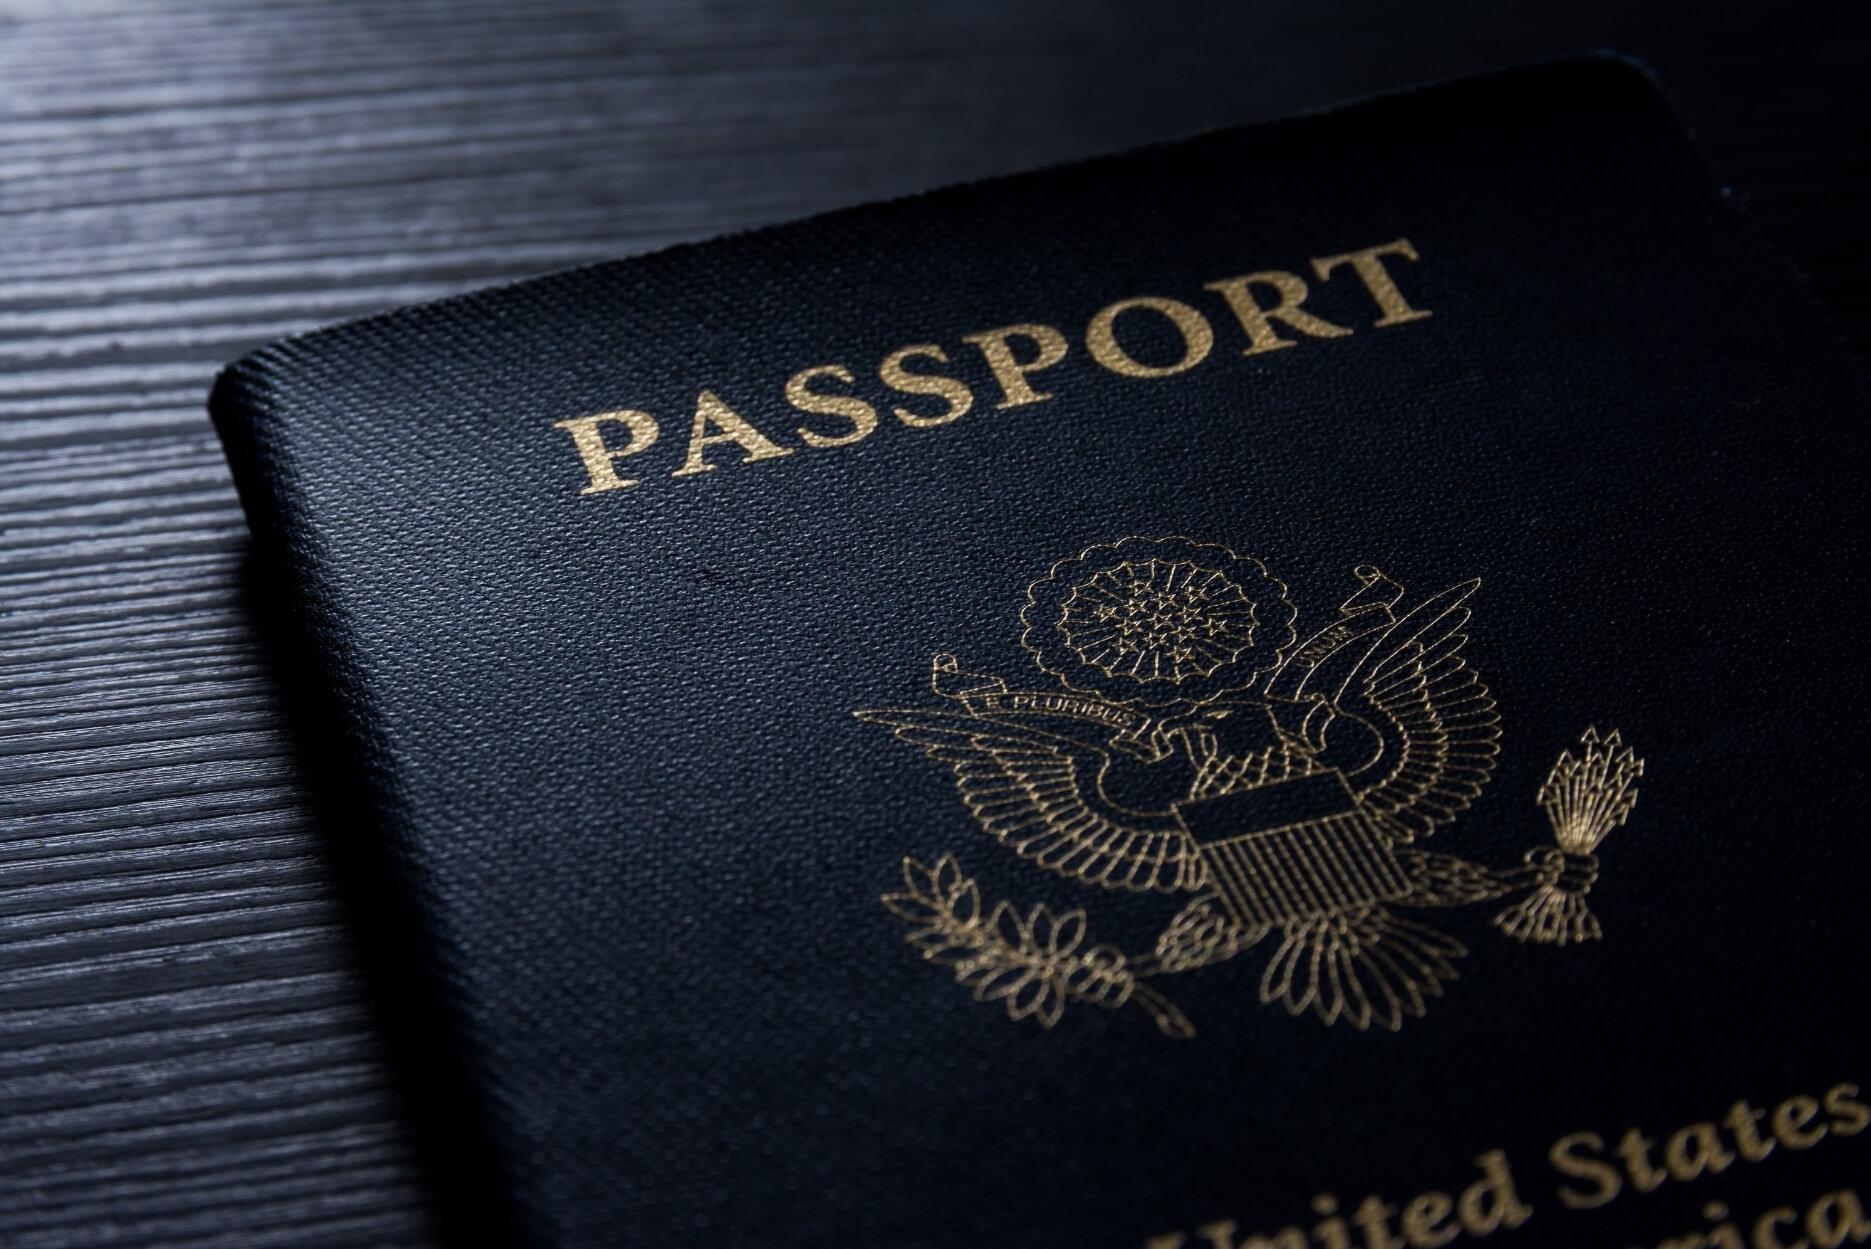 El 3 de diciembre cierra la ventana de oportunidad del programa EB-5 Direct para obtener Green Card por inversión en E.U.A.